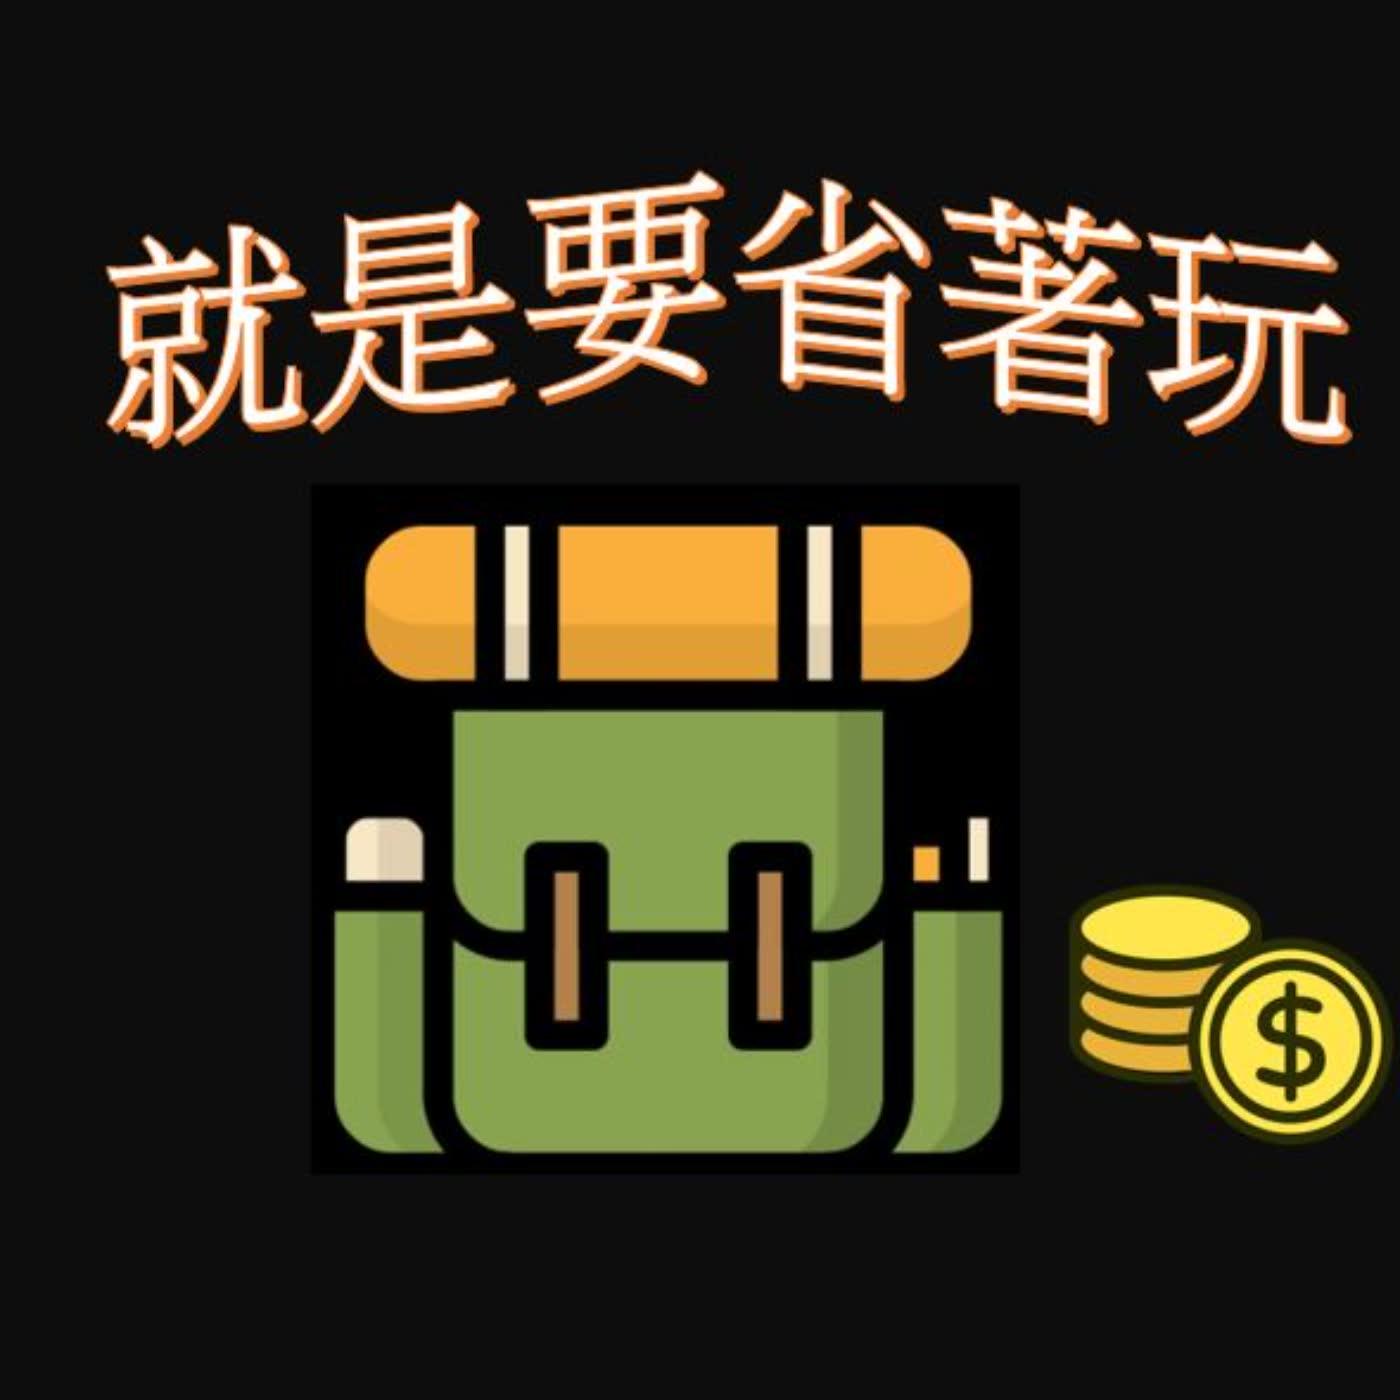 08 | 來看展- 台灣文博會「數據廟─華山1914文創園區」